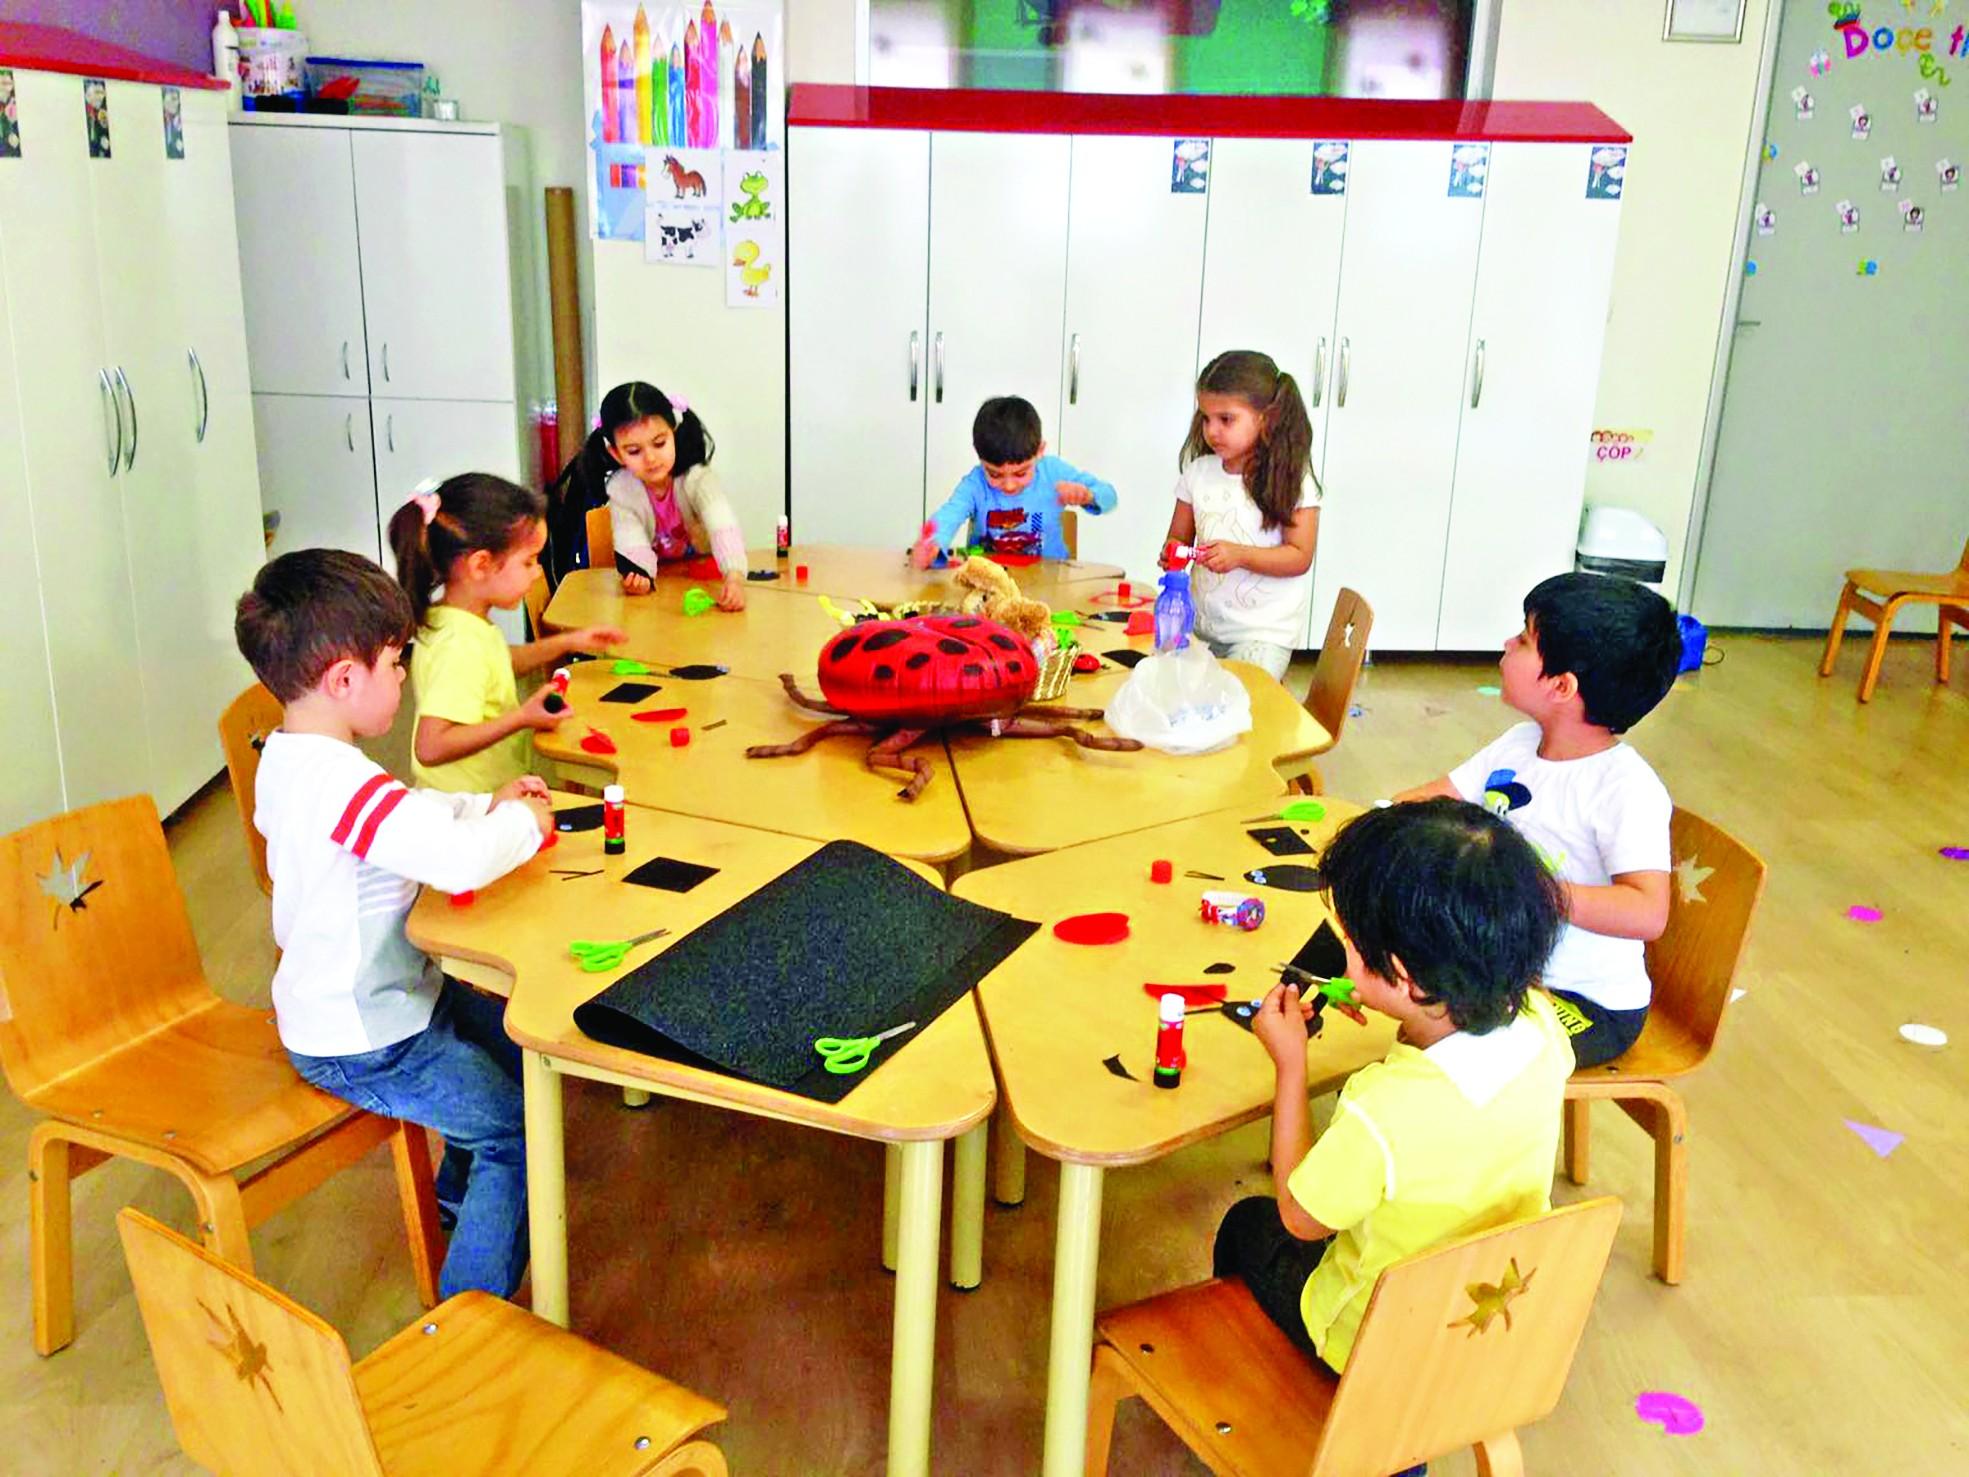 Okul Oncesi Ingilizce Aile Bireyleri Boyama Boyama Sayfasi